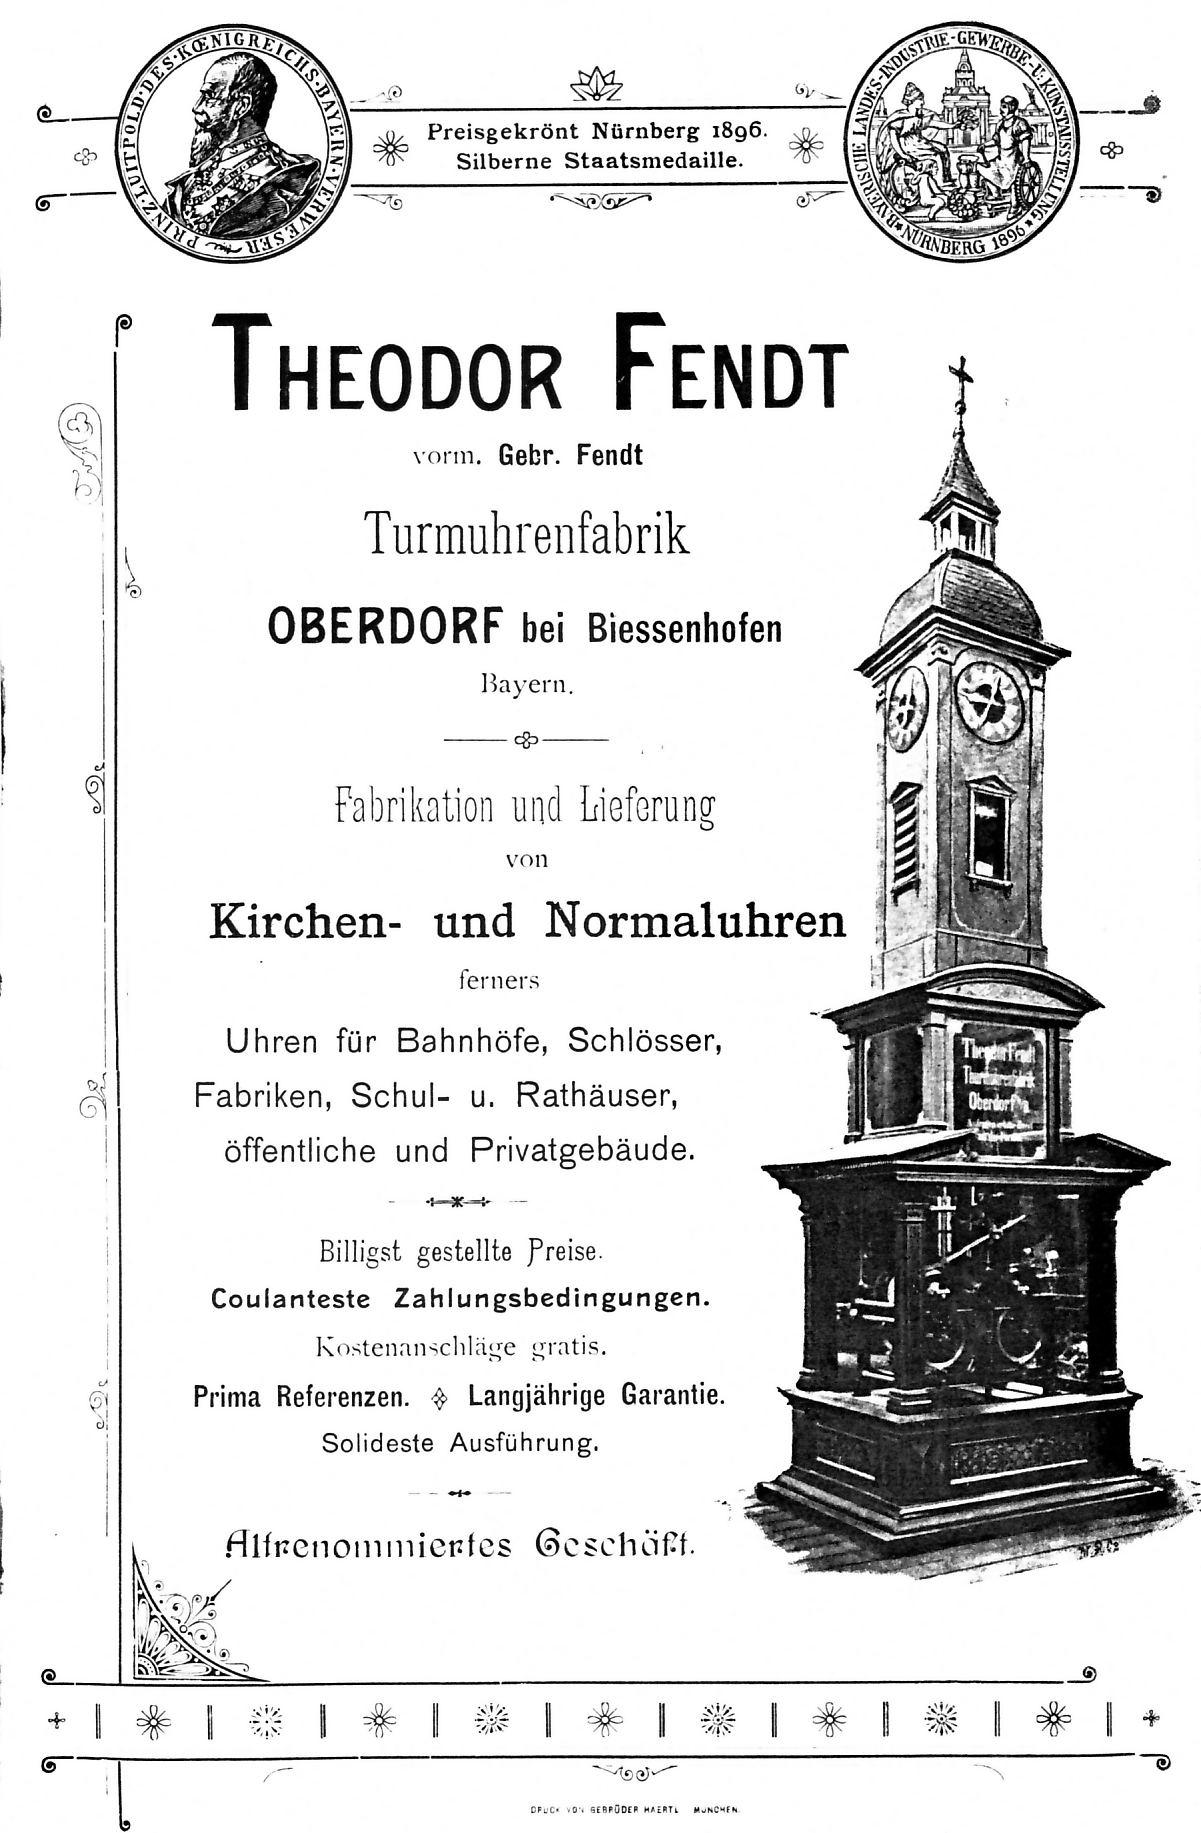 Theodor Fendt Werbebroschüre